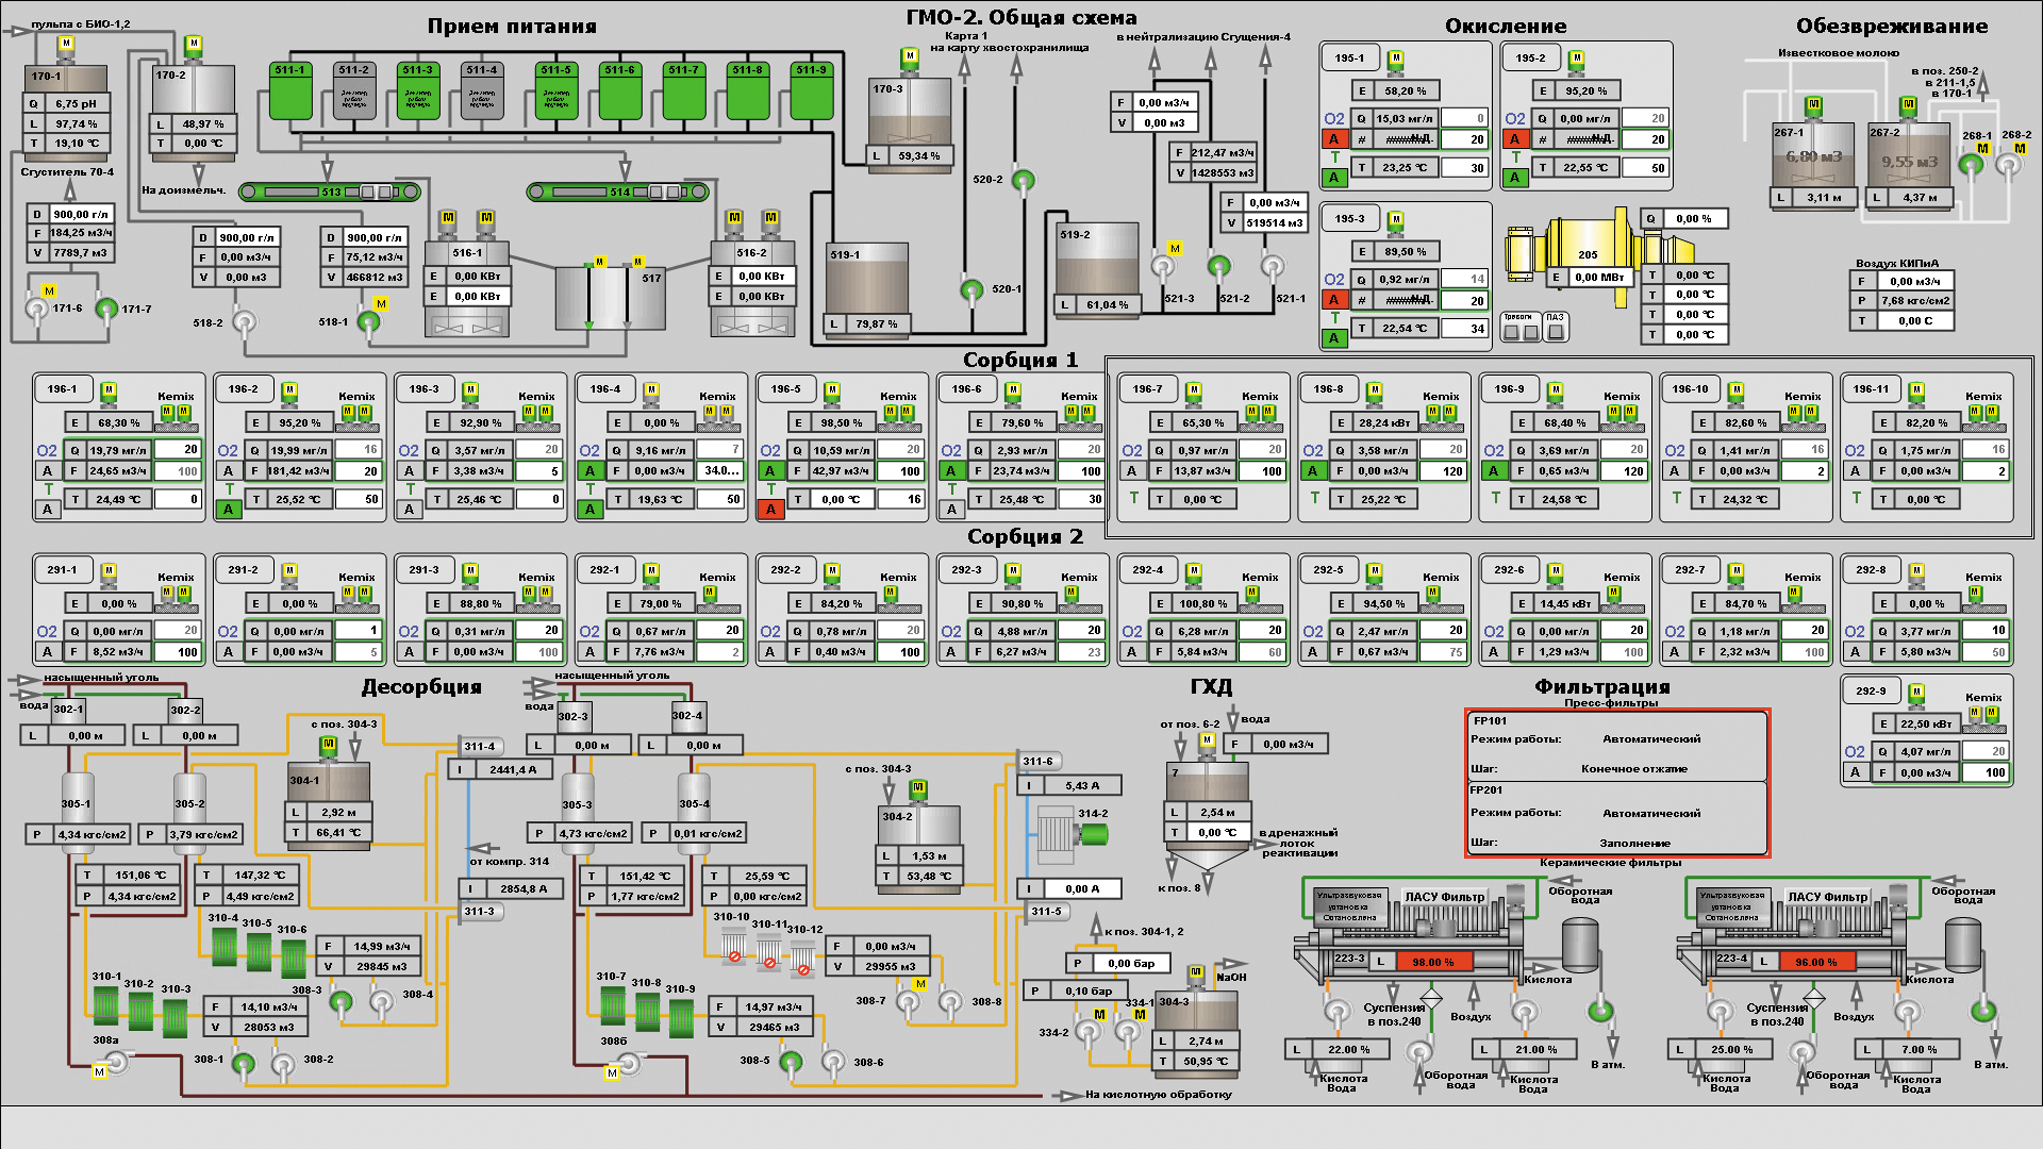 Управление на технологических участках приема питания, окисления, сорбции-1, 2, фильтрации, десорбции, реактивации, доизвлечения, обезвреживания, гидрохимической доводки, термощелочной обработки, участок управления шнеко-трубчатой печью